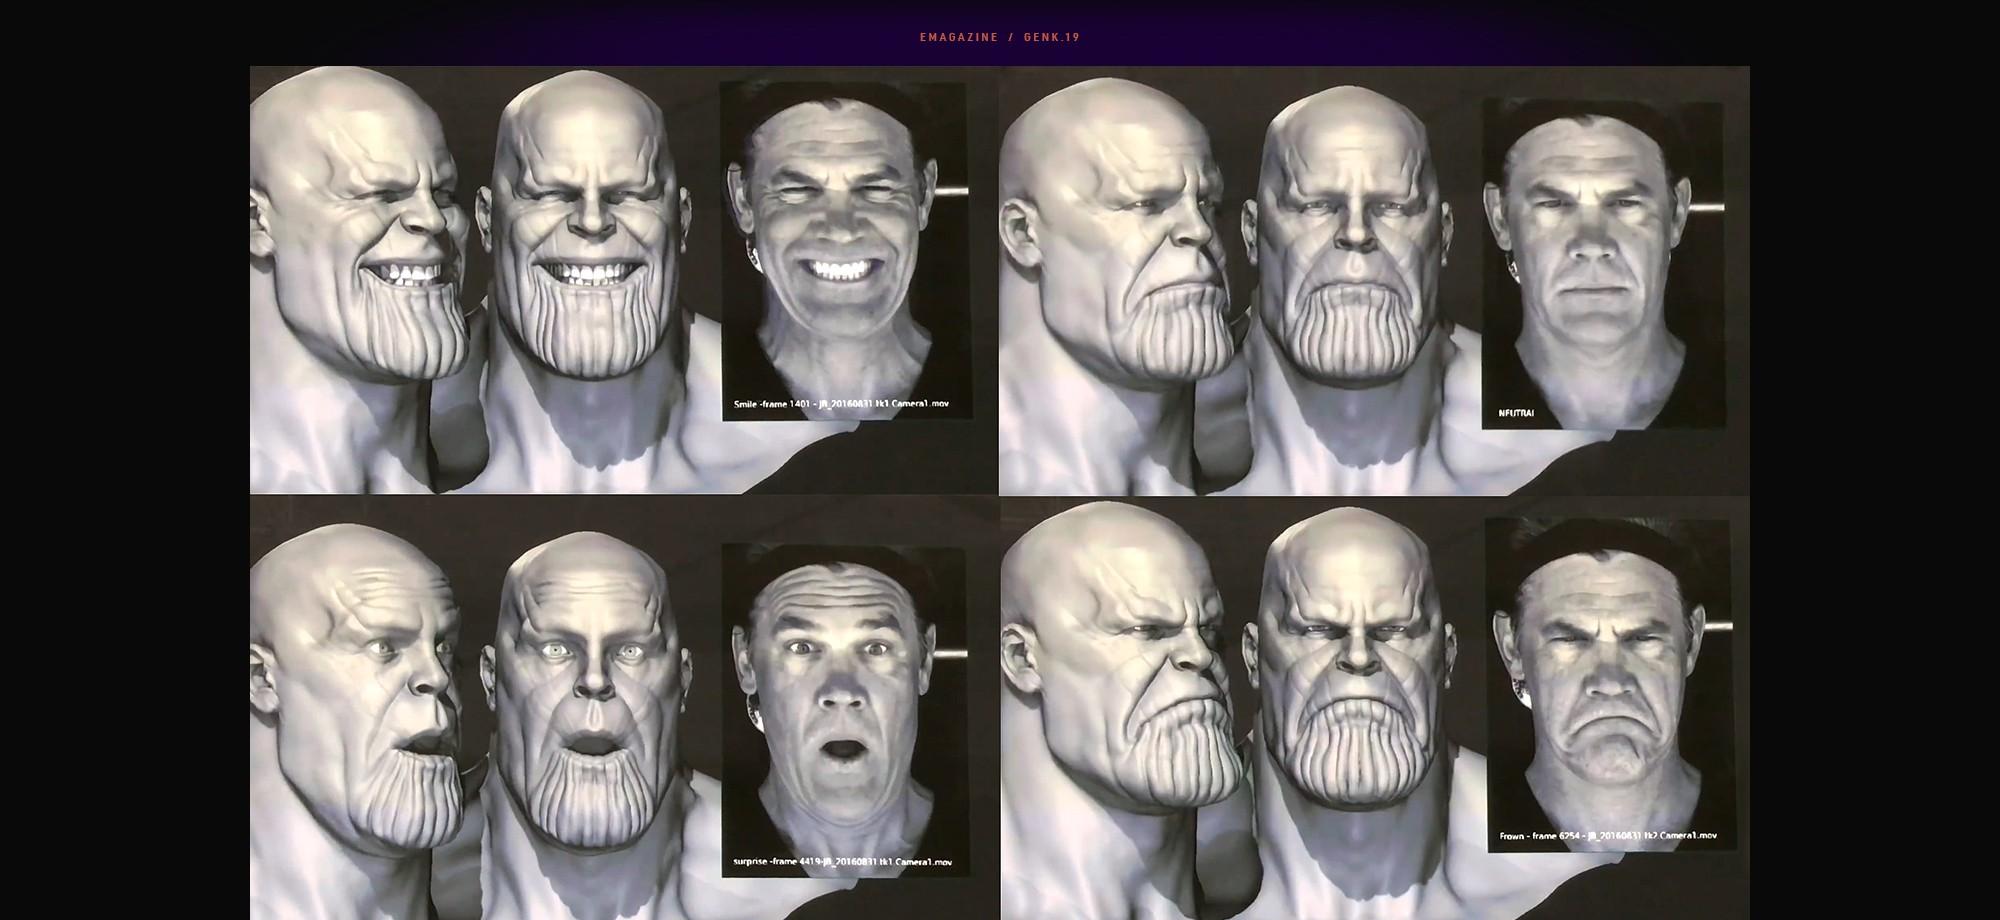 Thanos - Từ nhân vật vay mượn DC Comics đến vai phản diện tuyệt vời nhất trong lịch sử phim ảnh - Ảnh 28.